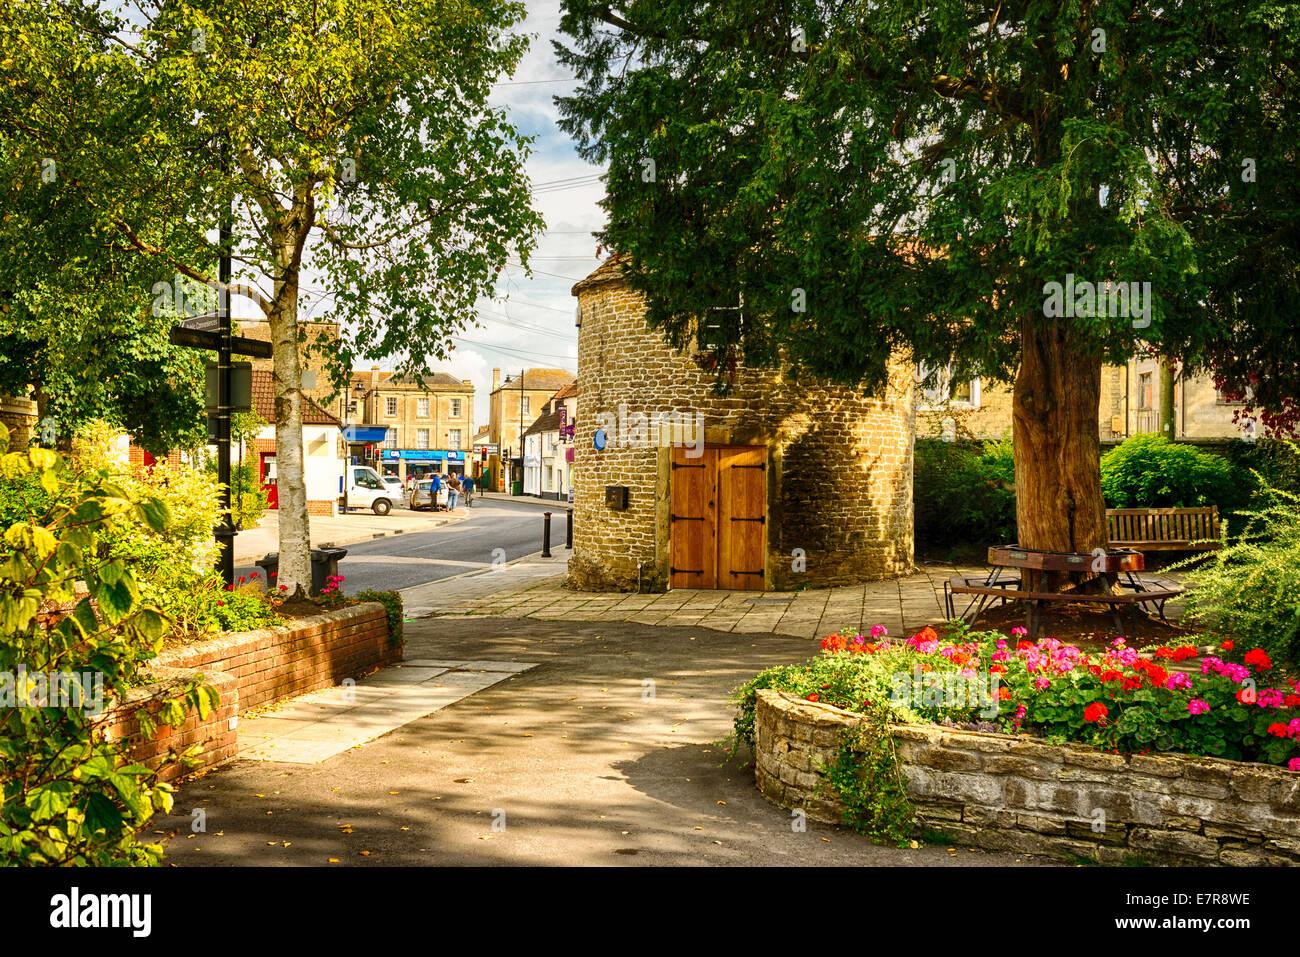 Small Public Garden Stock Photos & Small Public Garden Stock Images ...